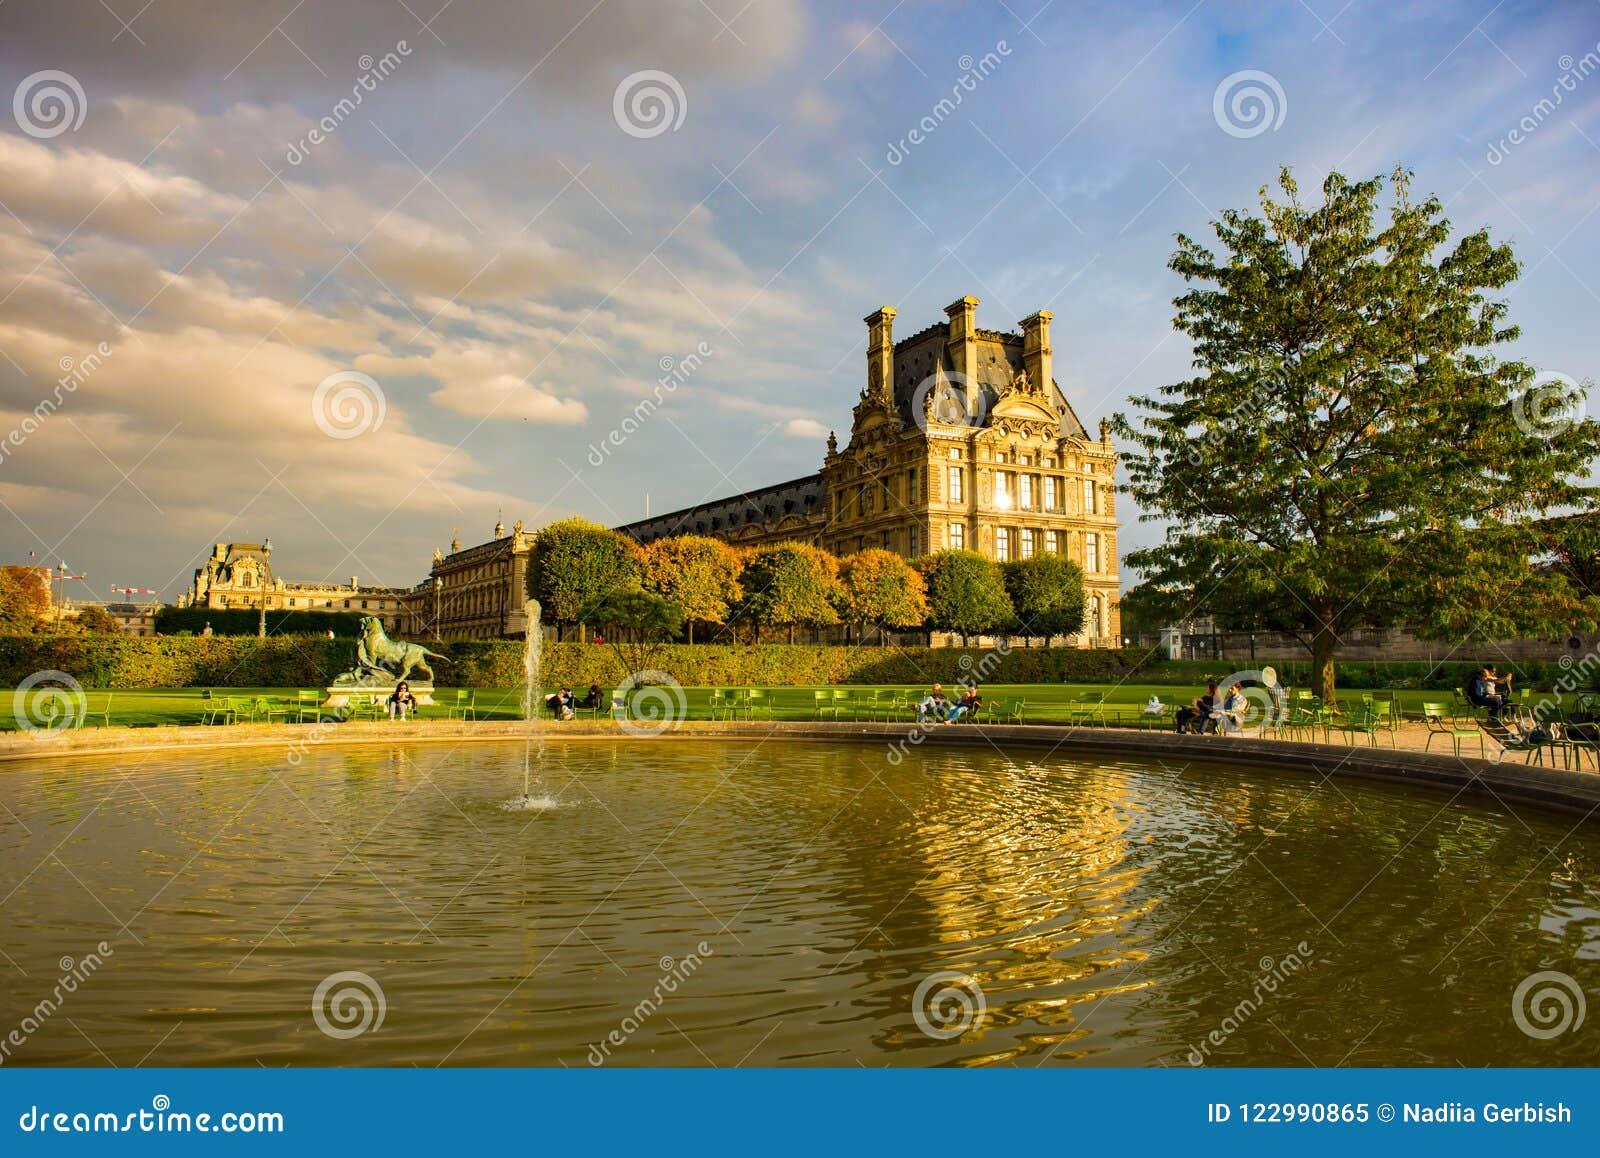 download autumnal paris tuileries garden stock image image of france museum 122990865 - Tuileries Garden